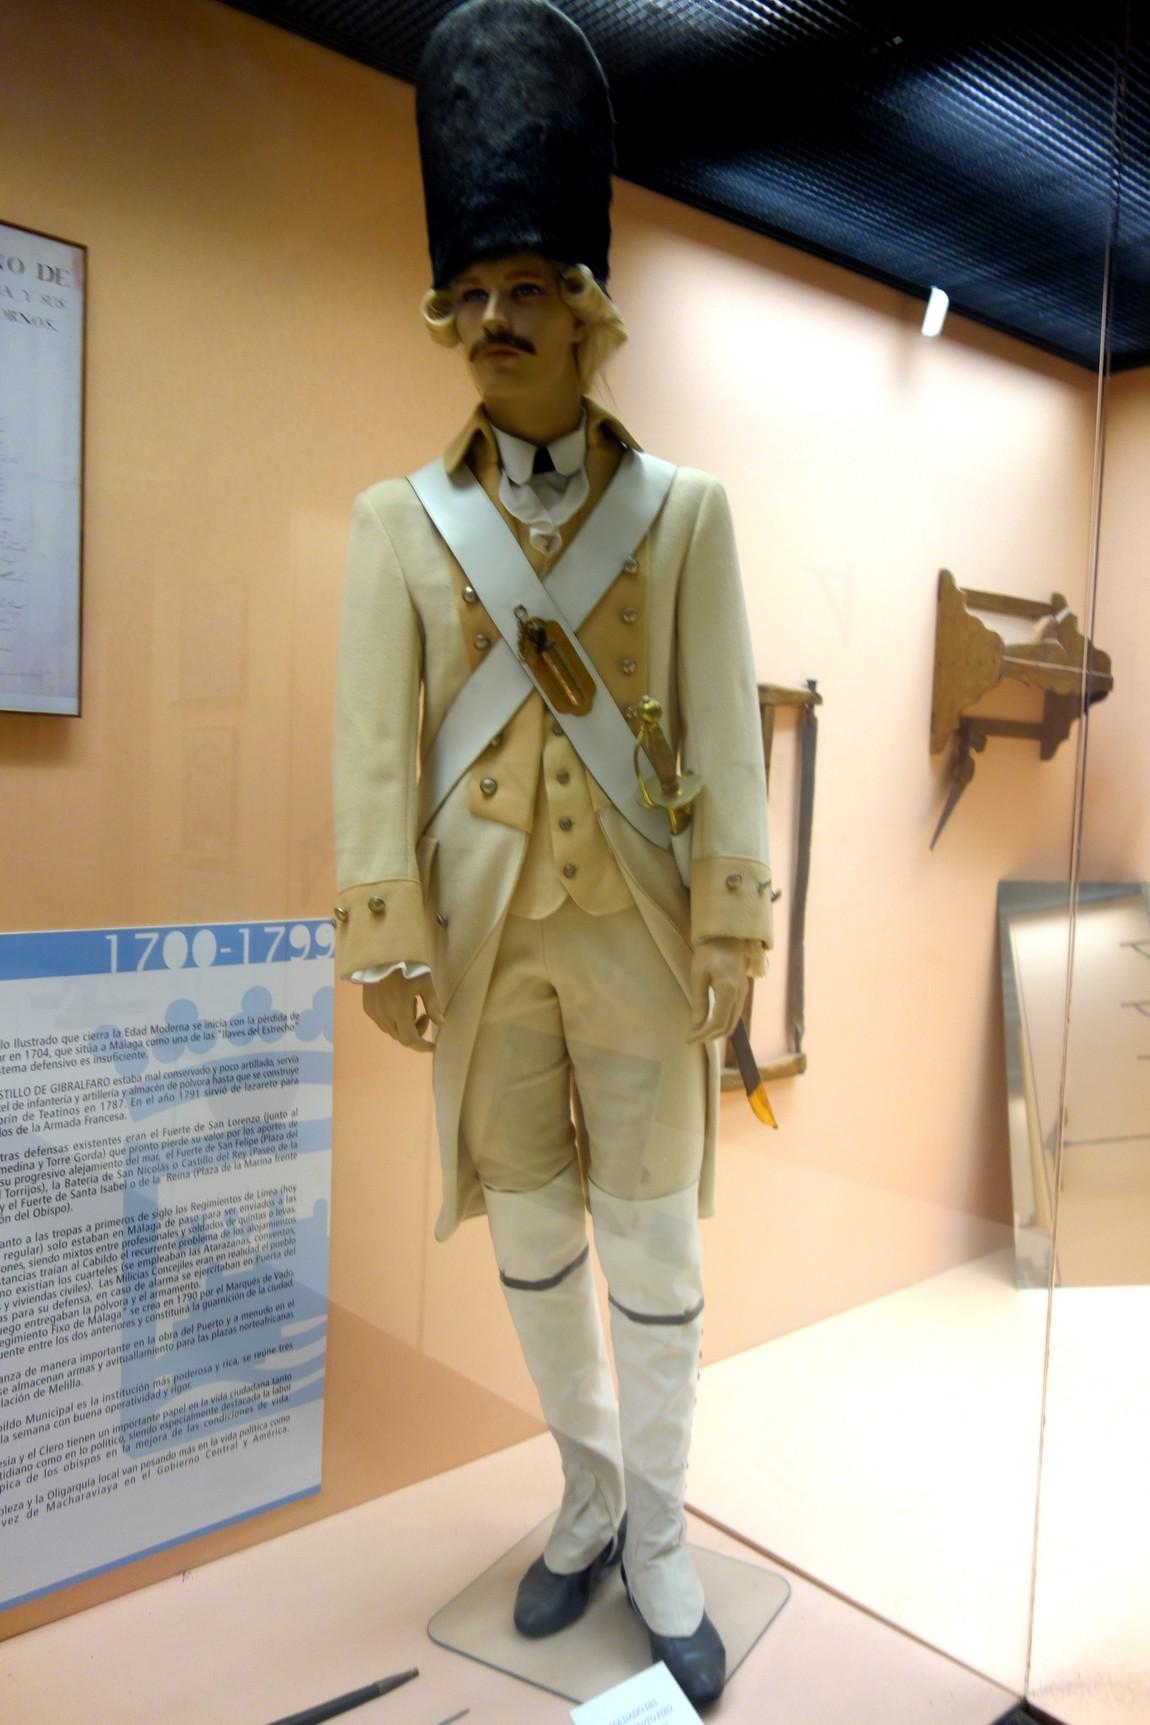 Проходим в музей с восковыми фигурами солдат.